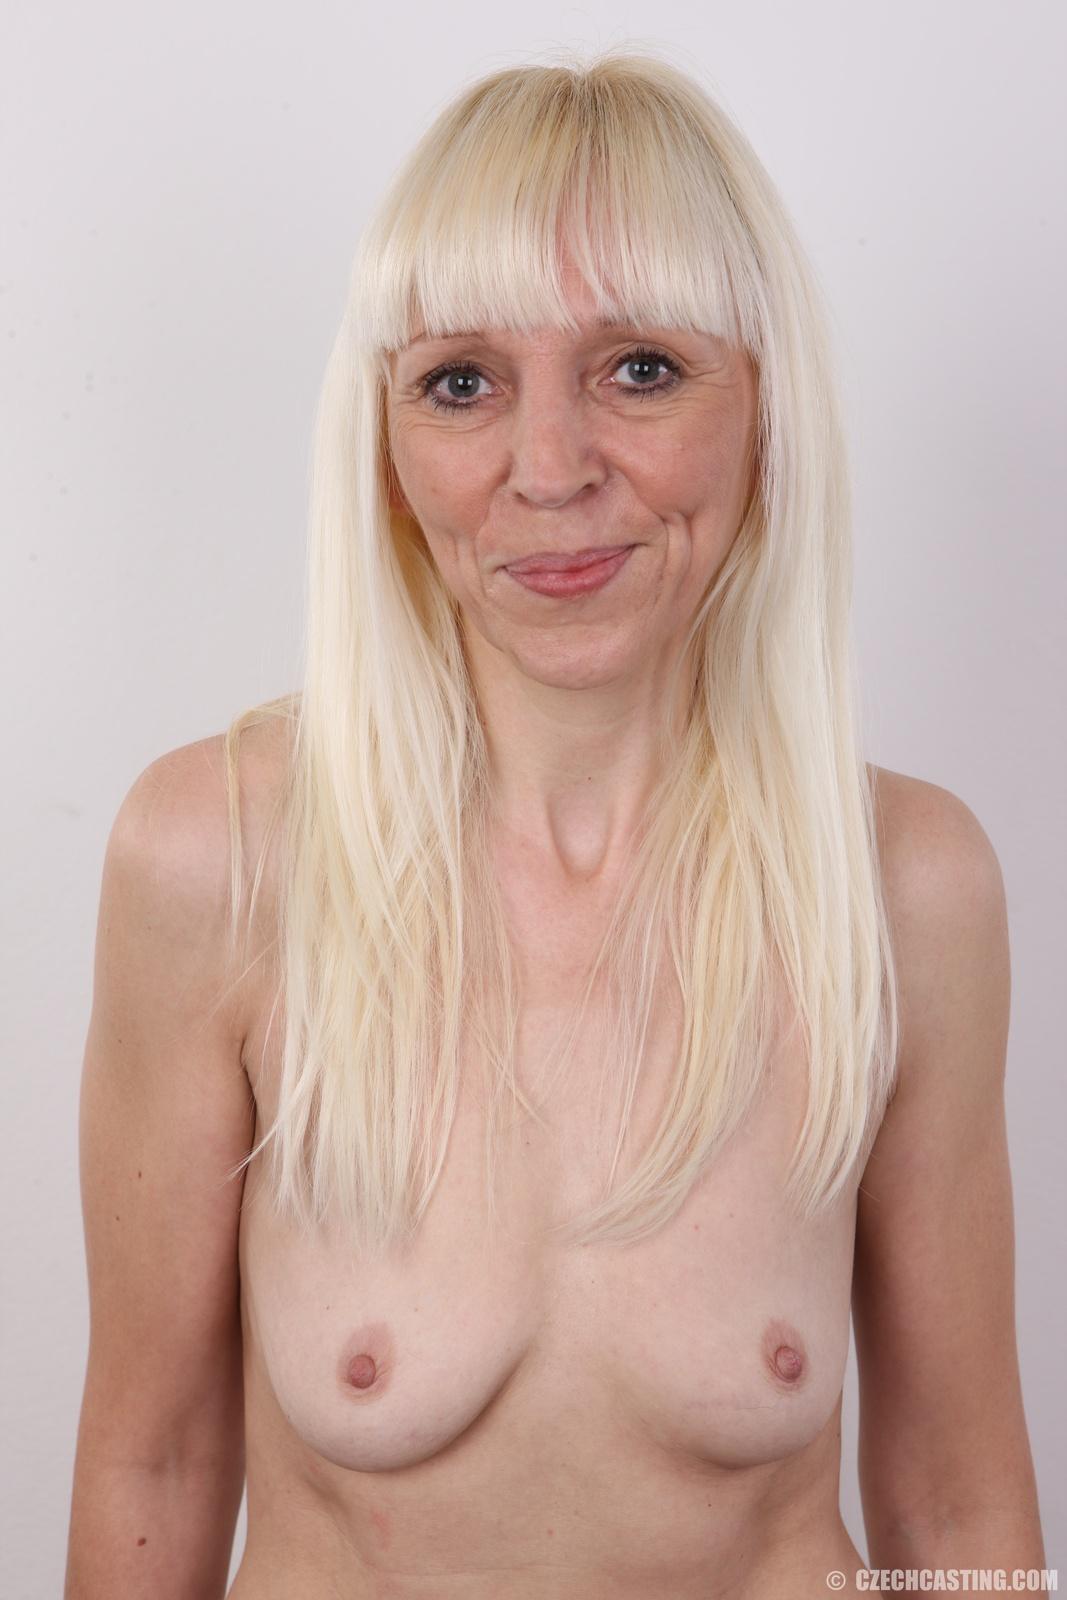 Dana czech casting Czech casting